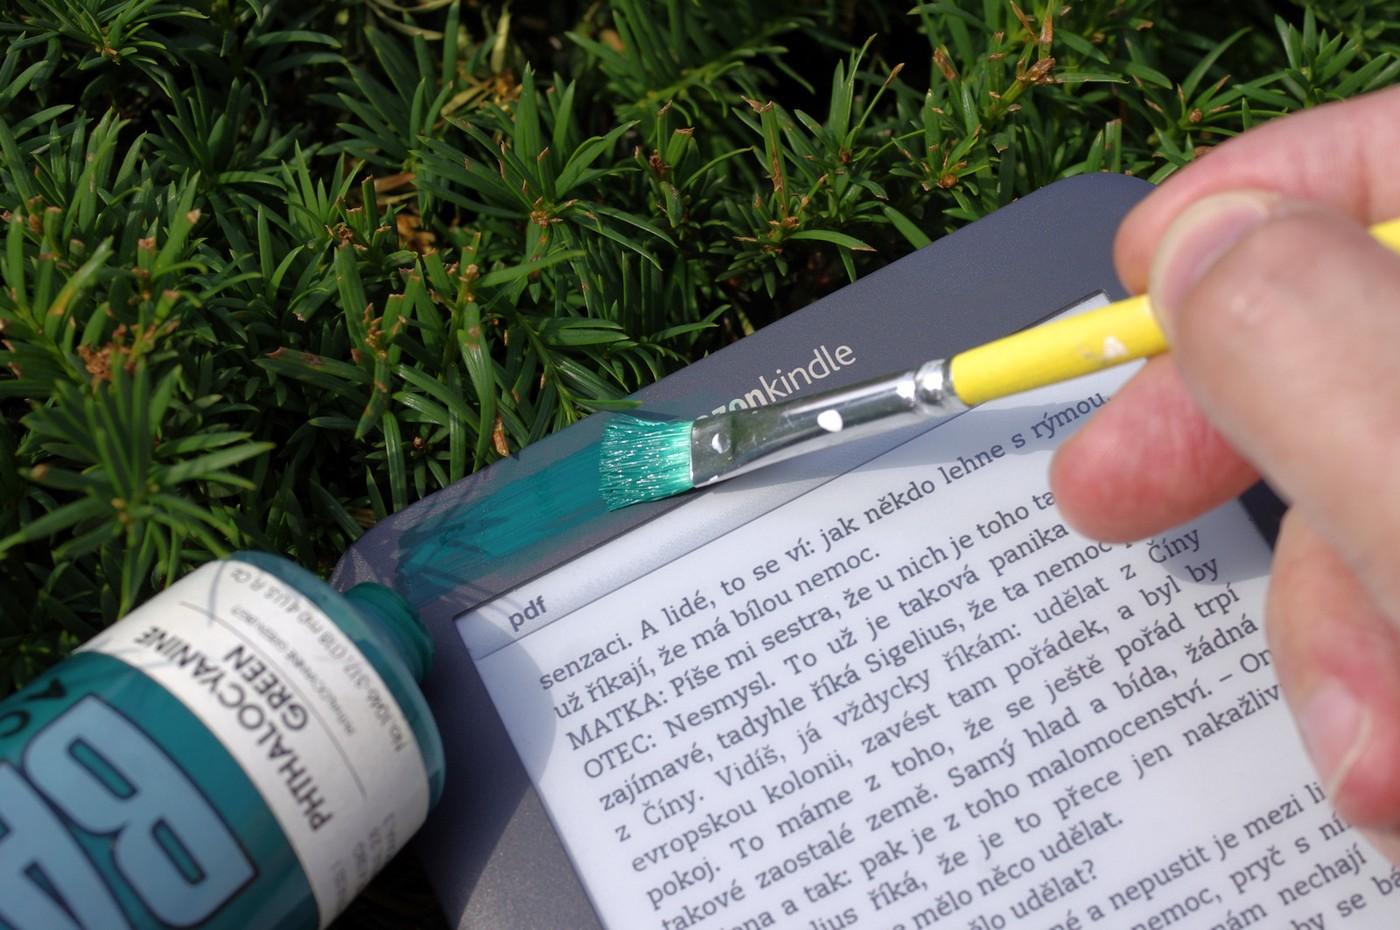 Čtečky e-knih nemusejí být tak zelené, jak jsme si doposud malovali. Přechod na elektronické knihy ssebou nese ekologické faktory, které nejsou okamžitě zřejmé